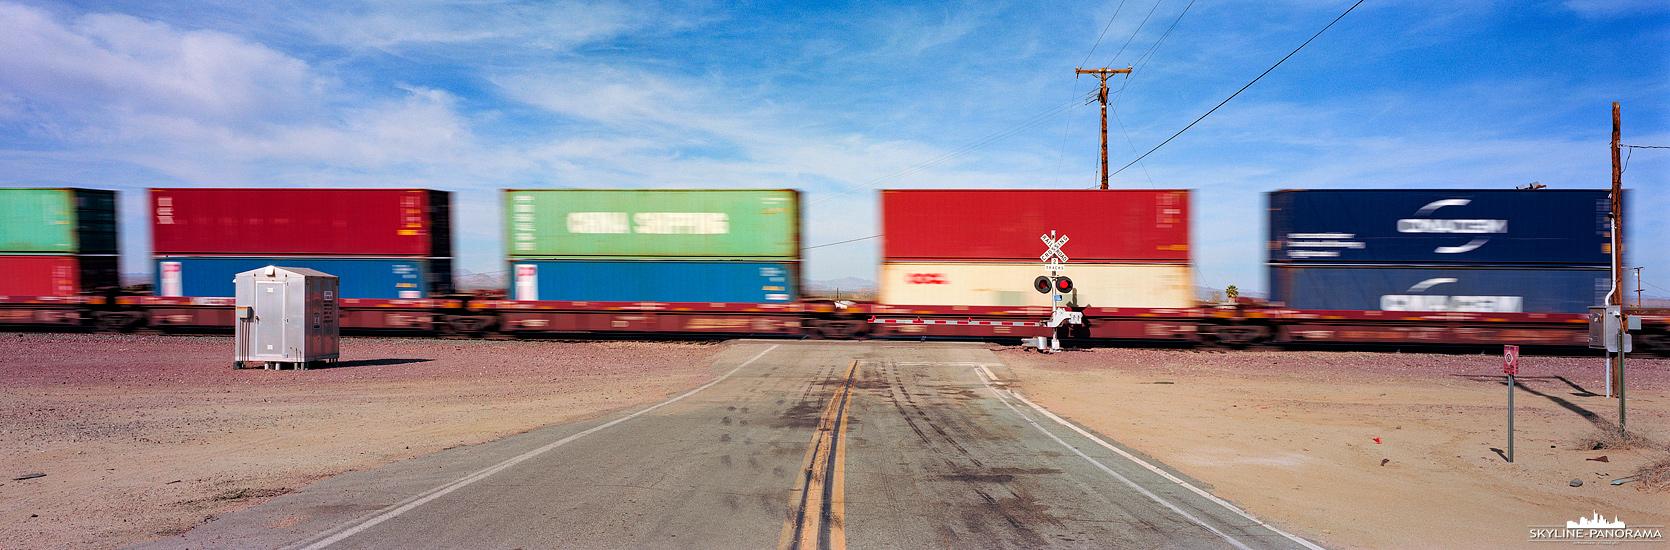 Panorama Route 66 - Von Amboy auf der Route 66 Richtung Norden fahrend gelangt man in Goffs, auf Höhe des verlassenen Gebrauchtwarenladen, an diesen Bahnübergang. Zu Stoßzeiten kommen die mehrere hundert Meter langen Güterzüge, mit übereinander gestapelten Containern, im Minutentakt von Rechts und Links.